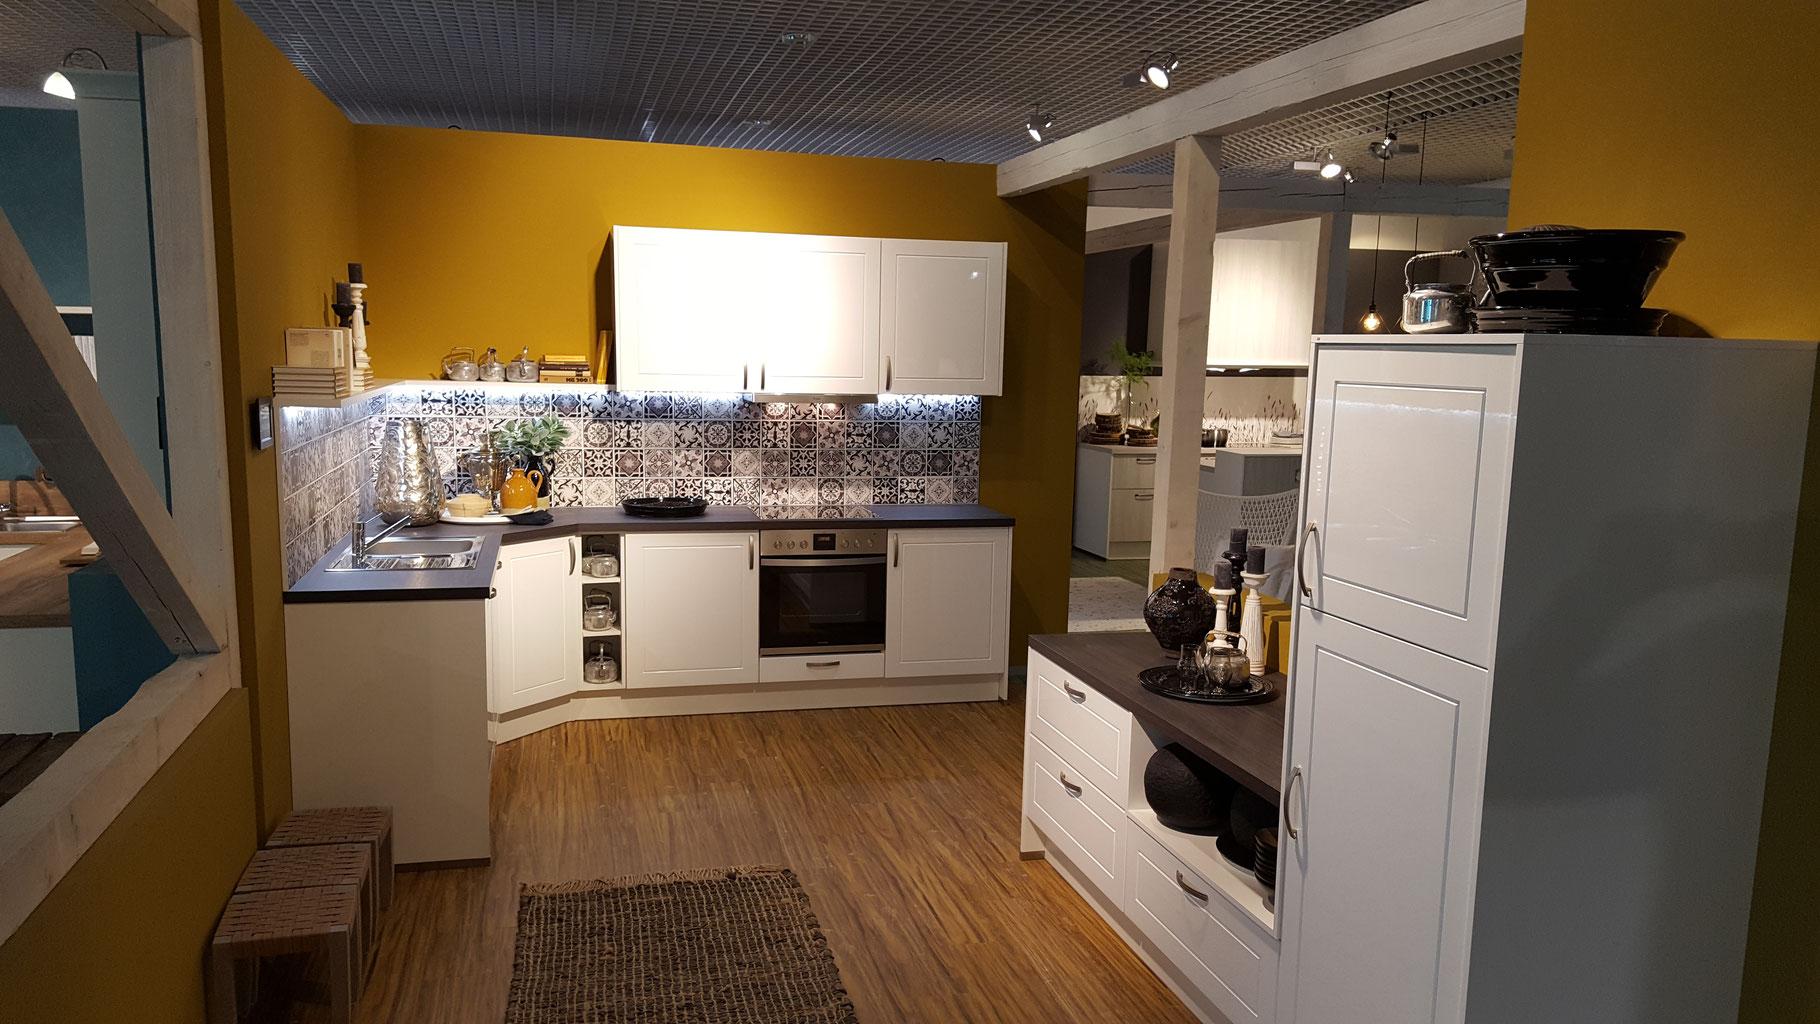 Keukens Sneek Kleuren : Goedkope keukens goedkoper wilka keukengroothandel